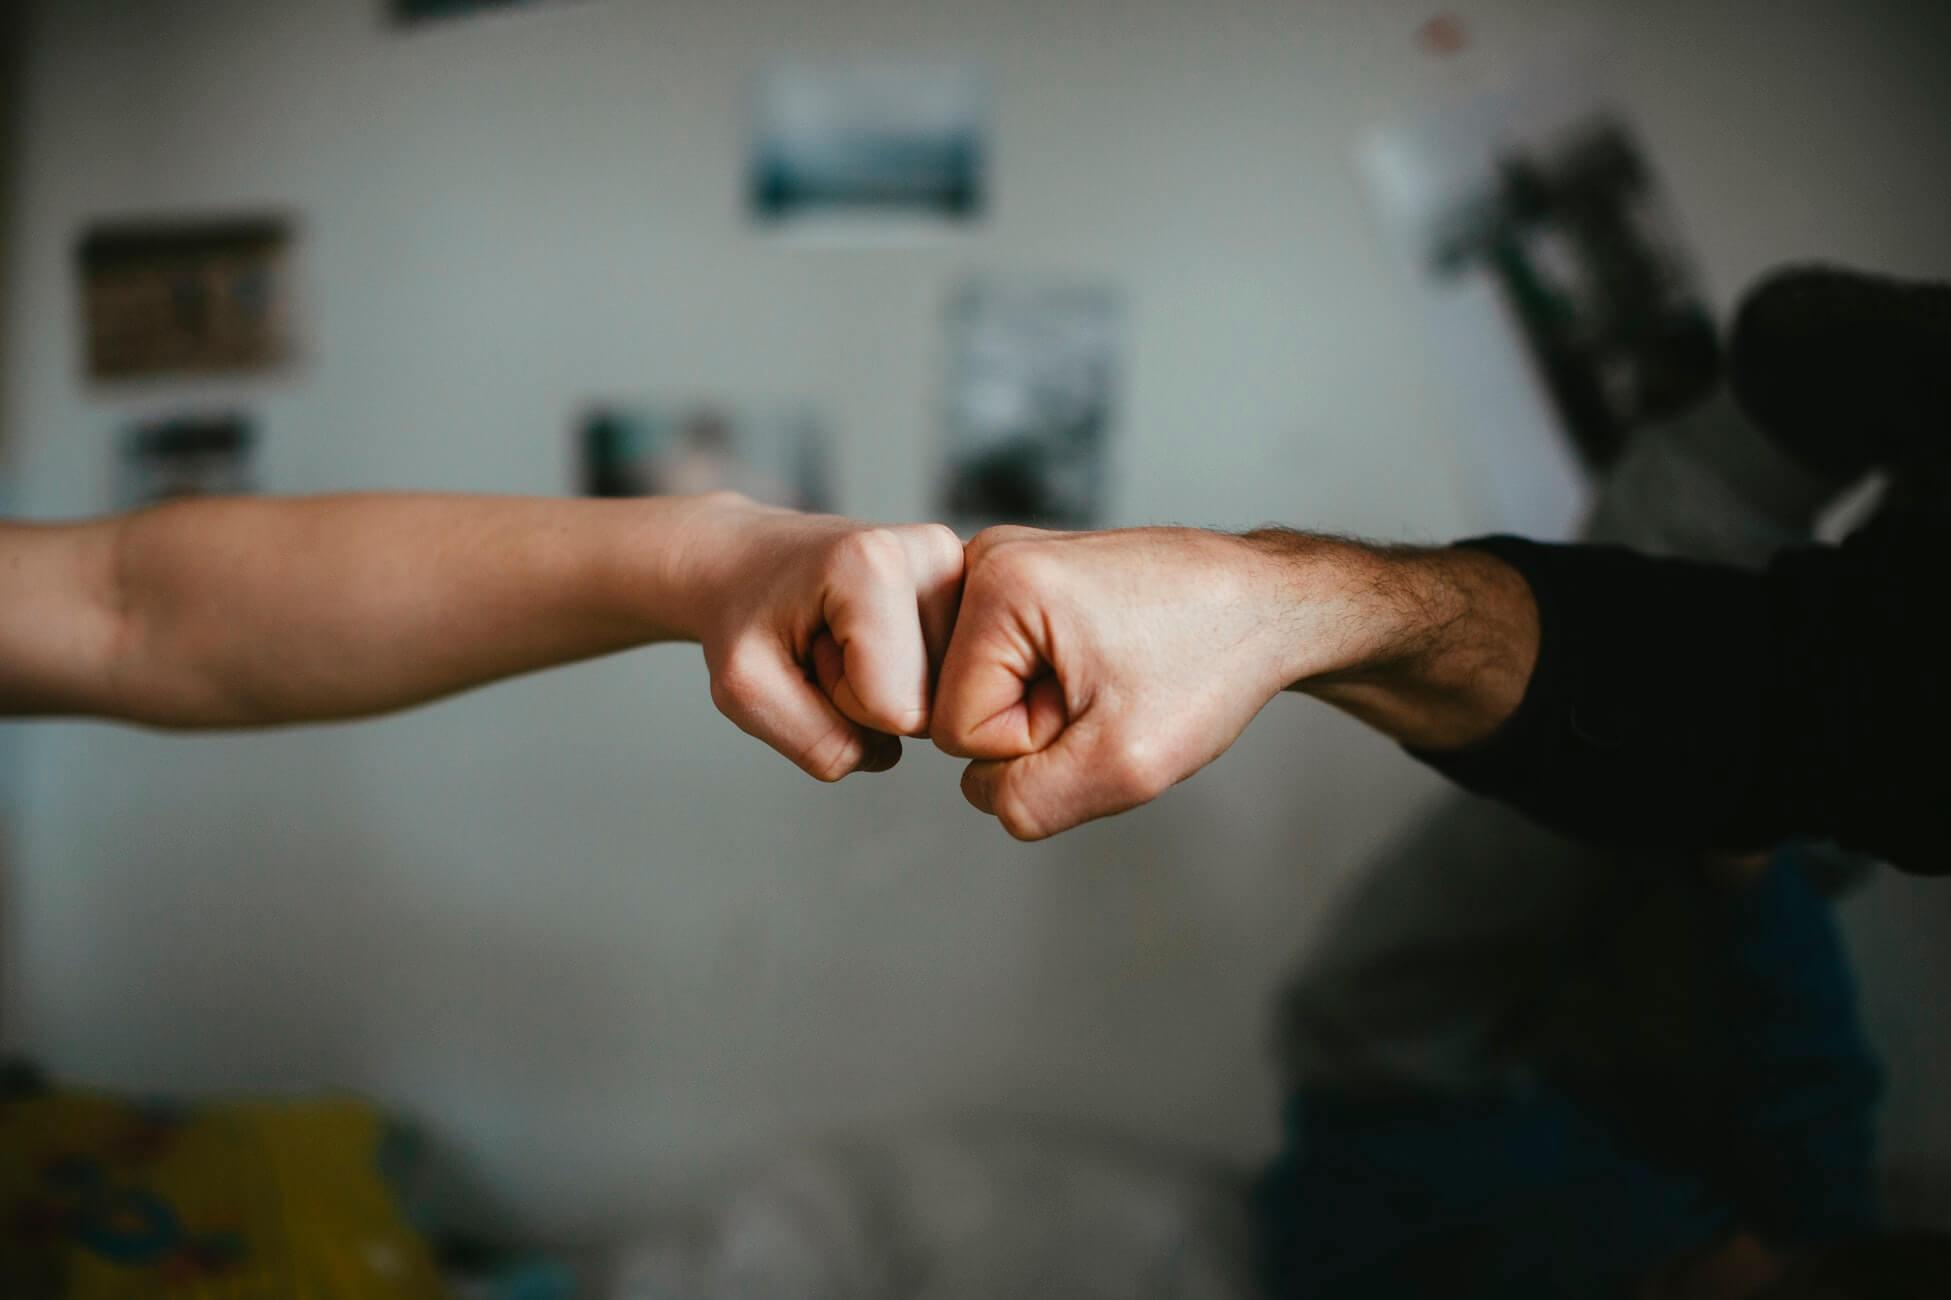 Лайфхаки по разрешению конфликтов в семье и на работе